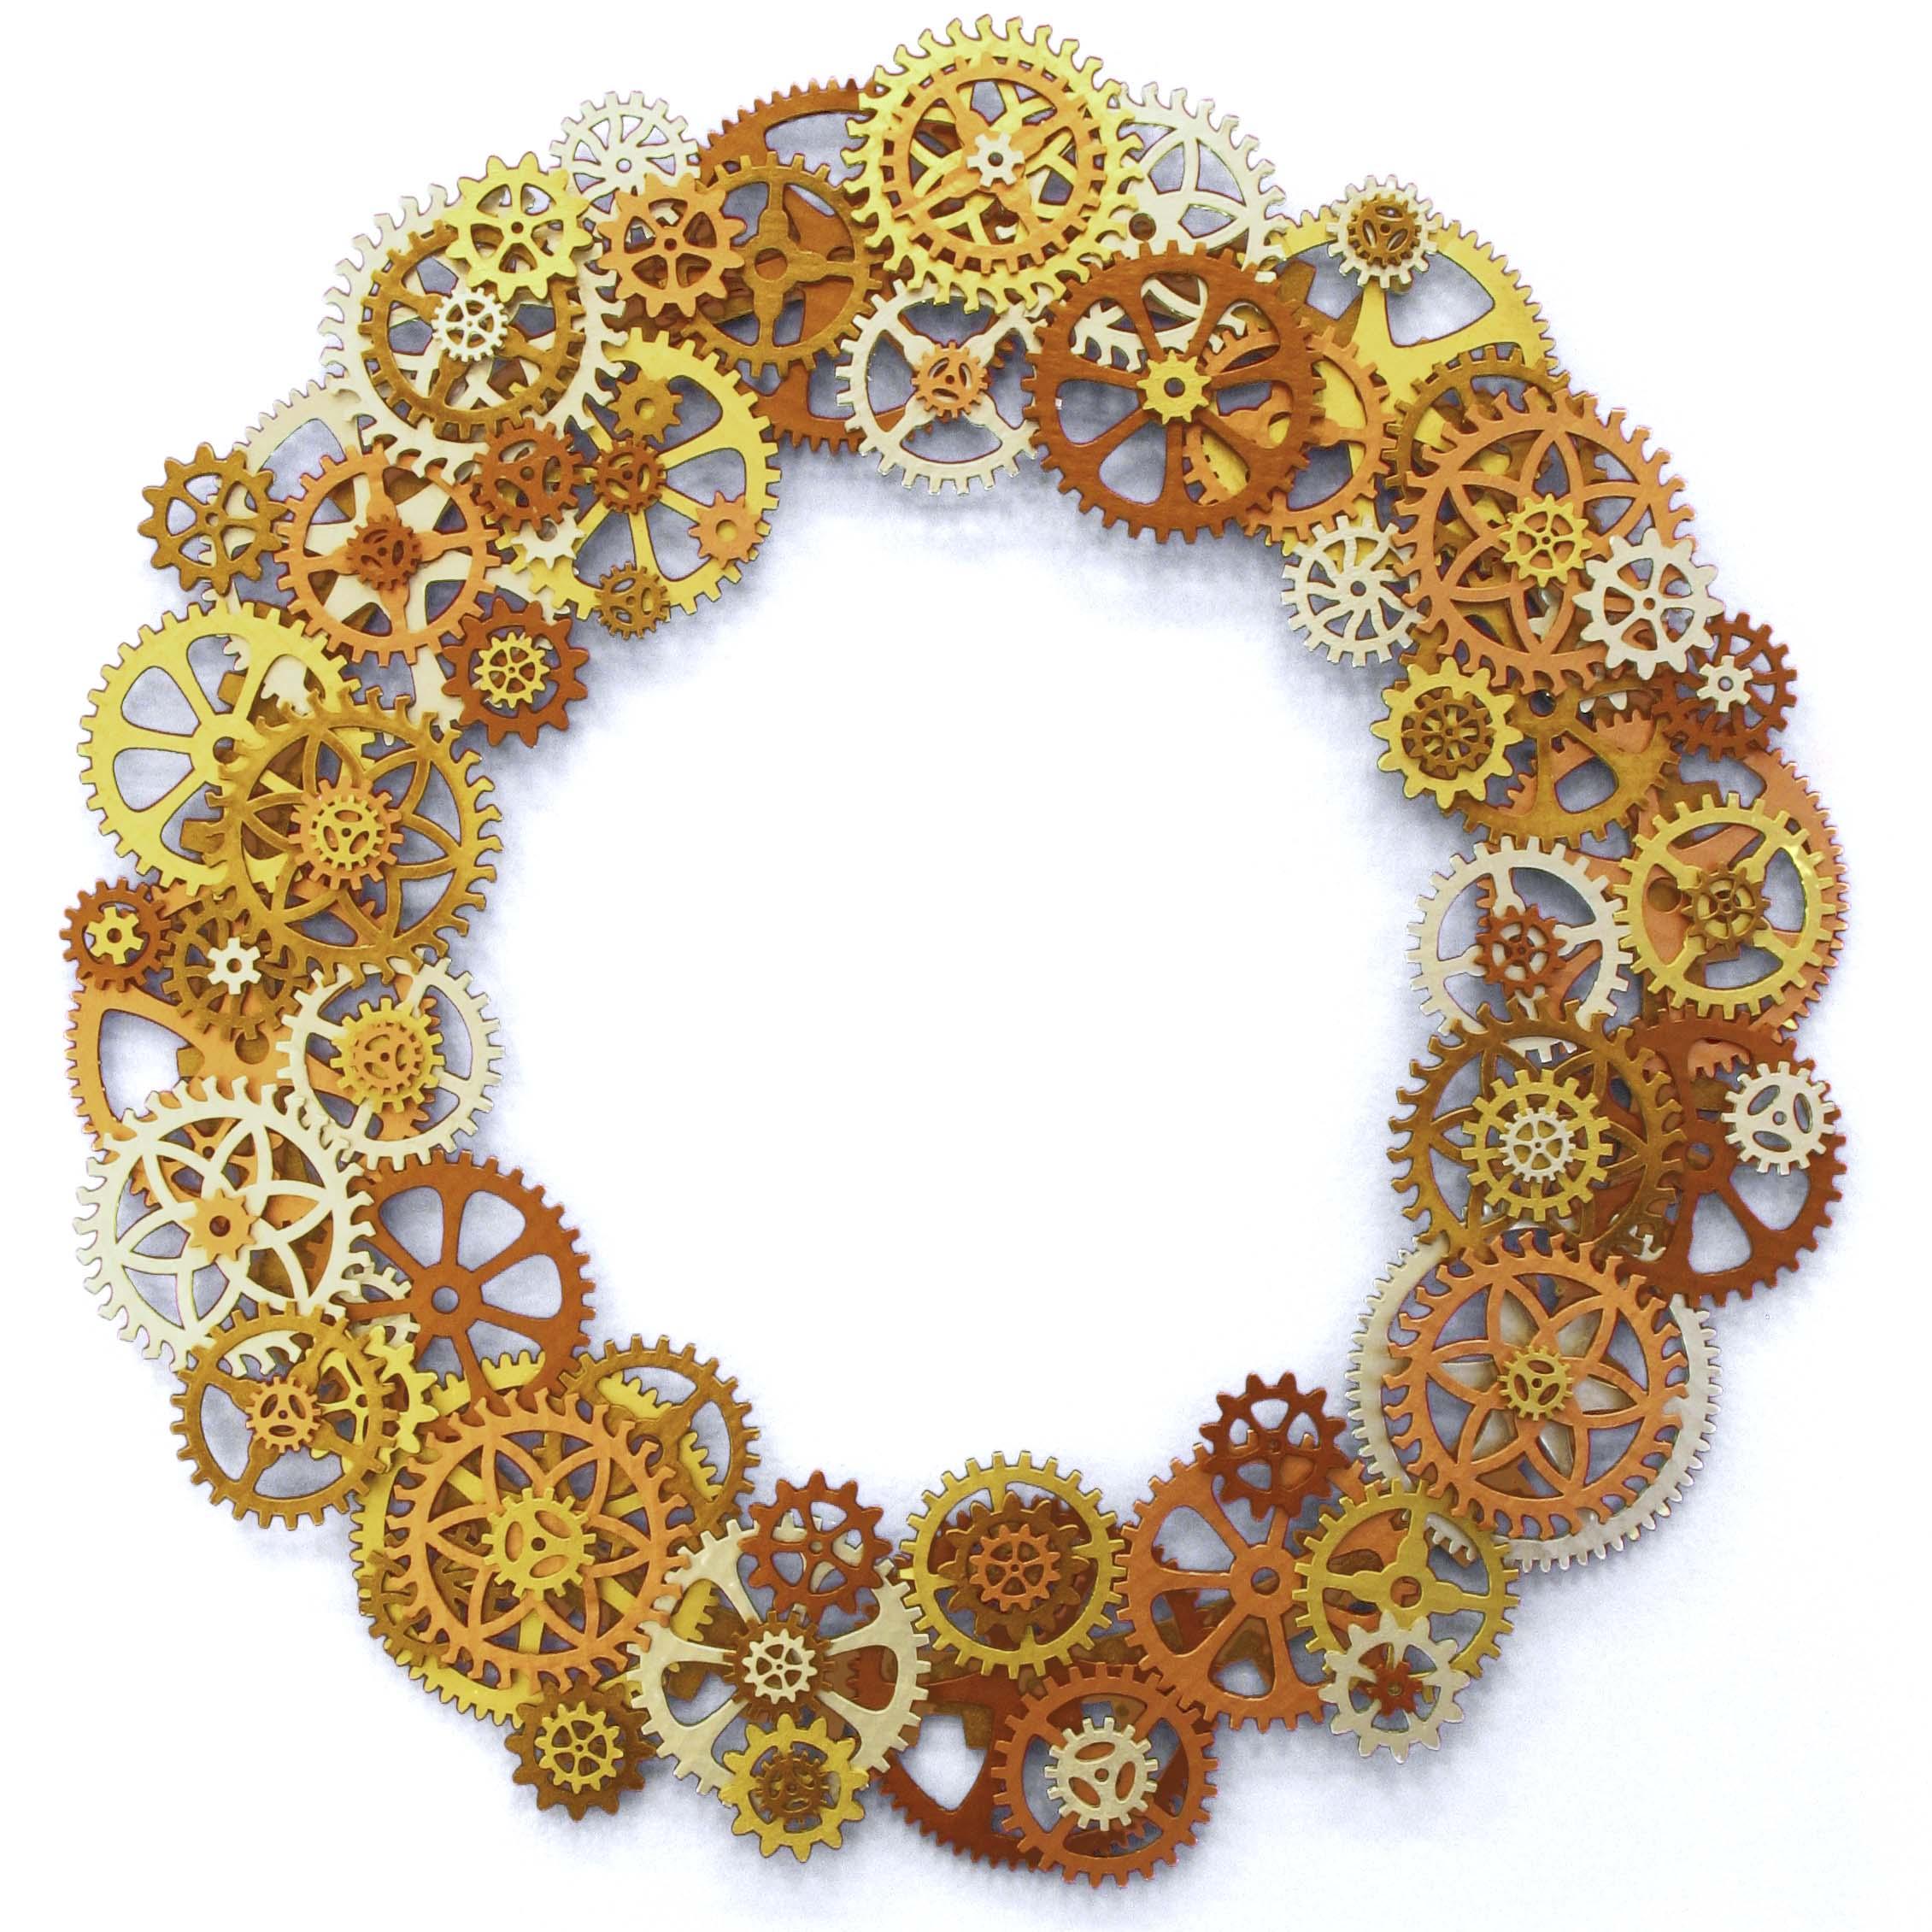 Steampunk Gear Wreath